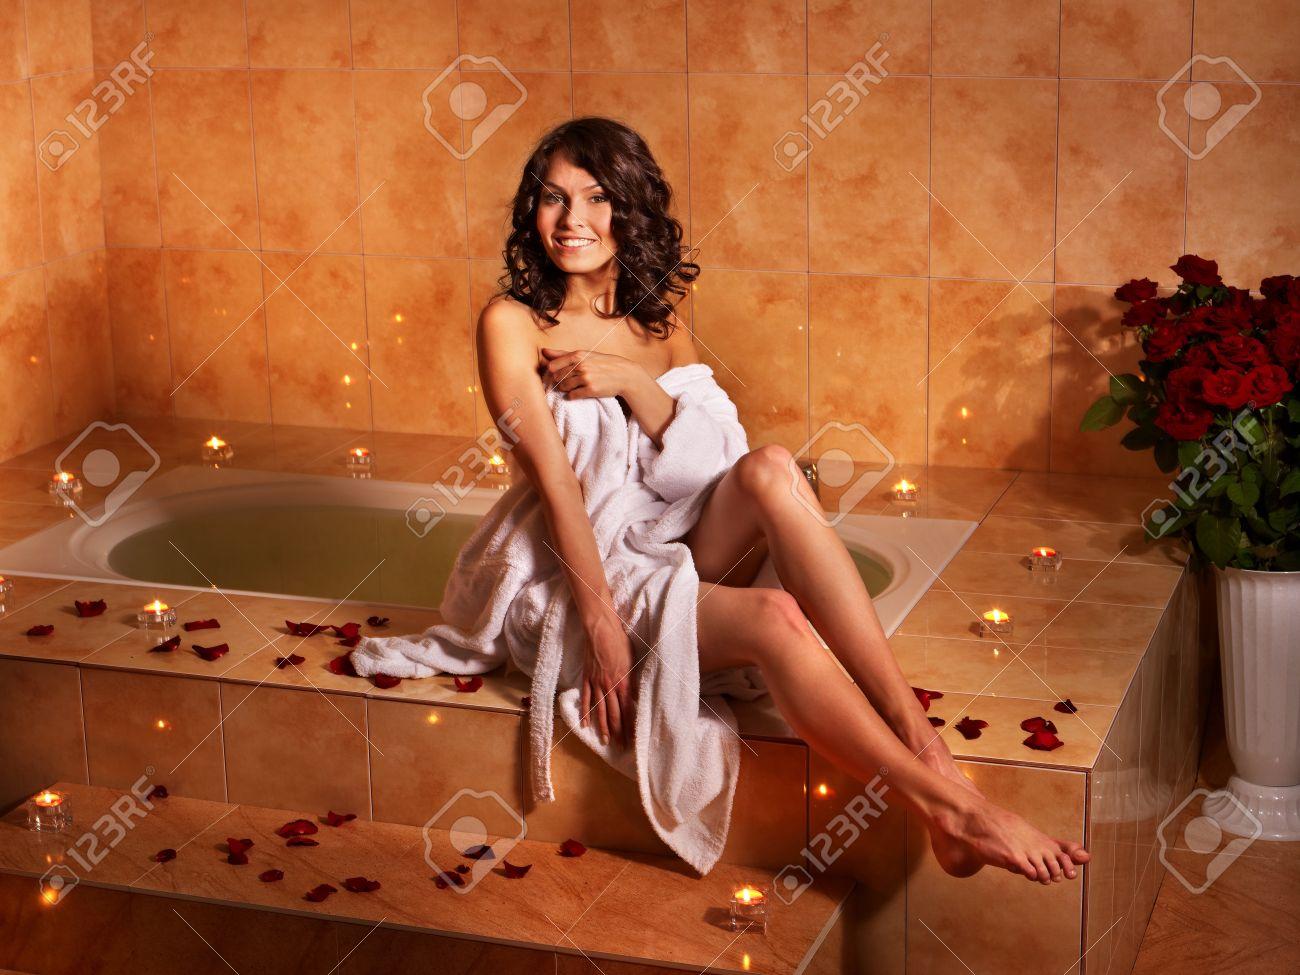 Фото девушек бесплатно в ванной 17 фотография